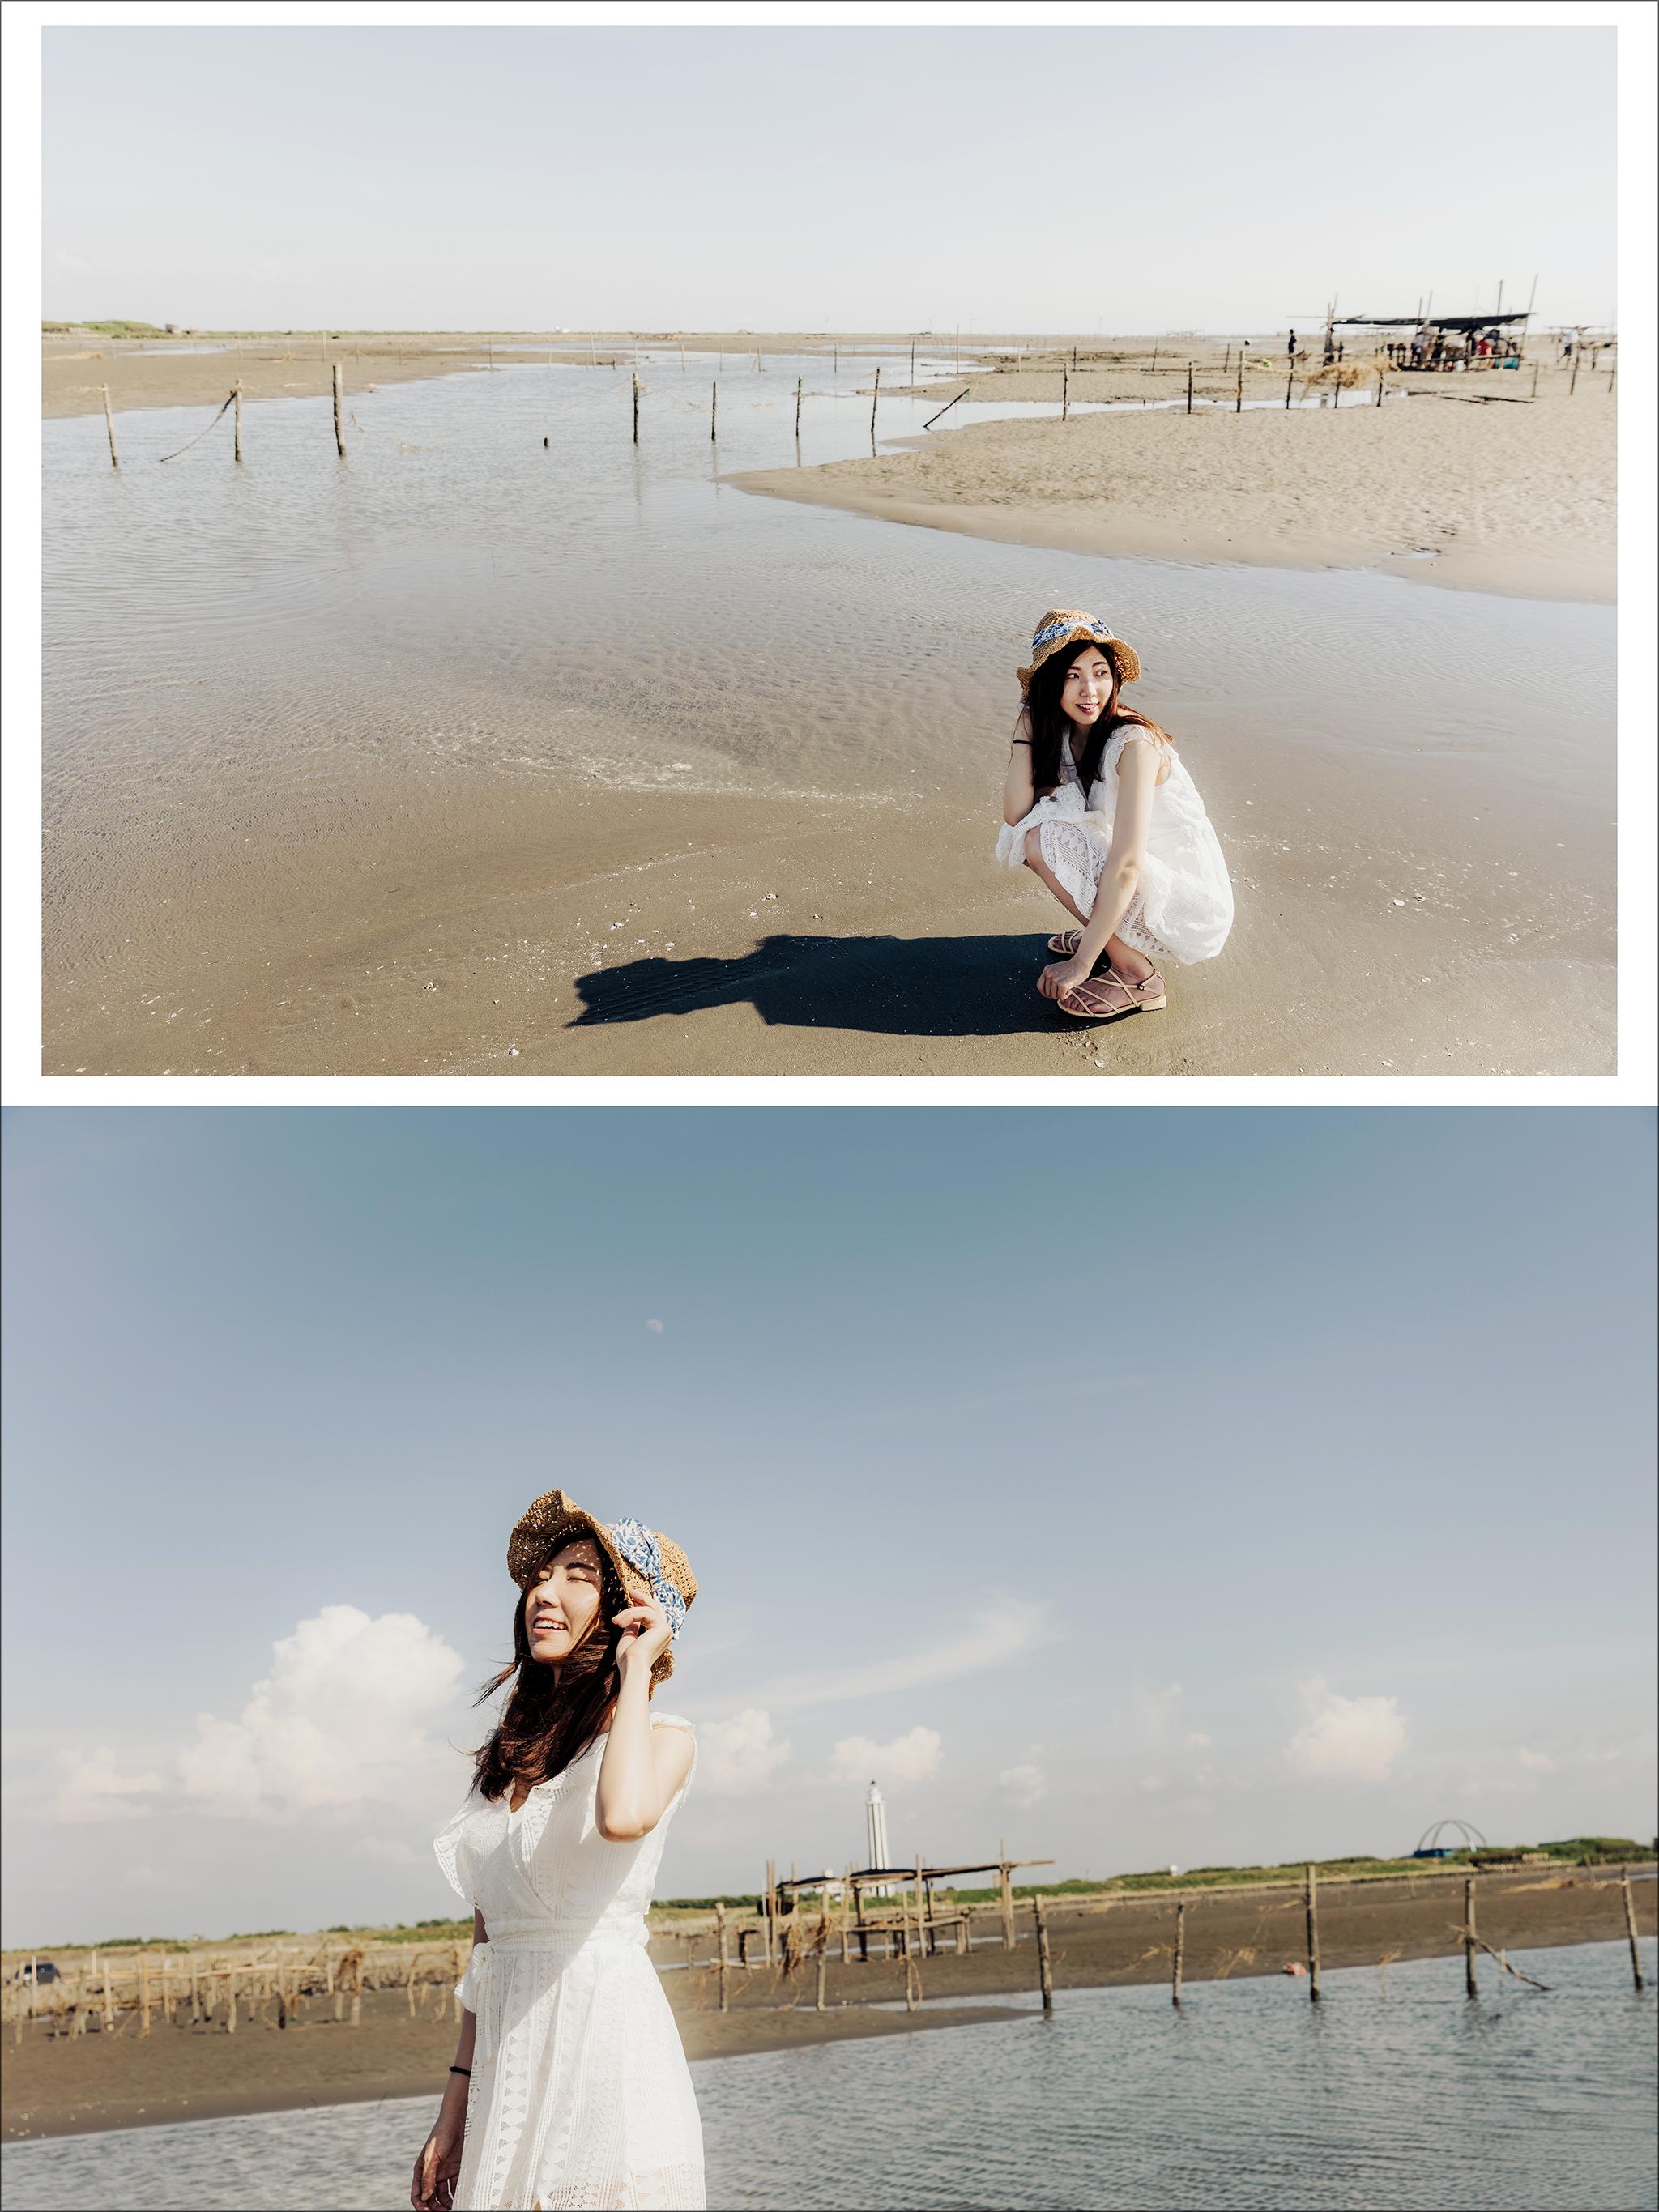 51390525032 3c40215af5 o - 【夏季寫真】+Shan+EP3